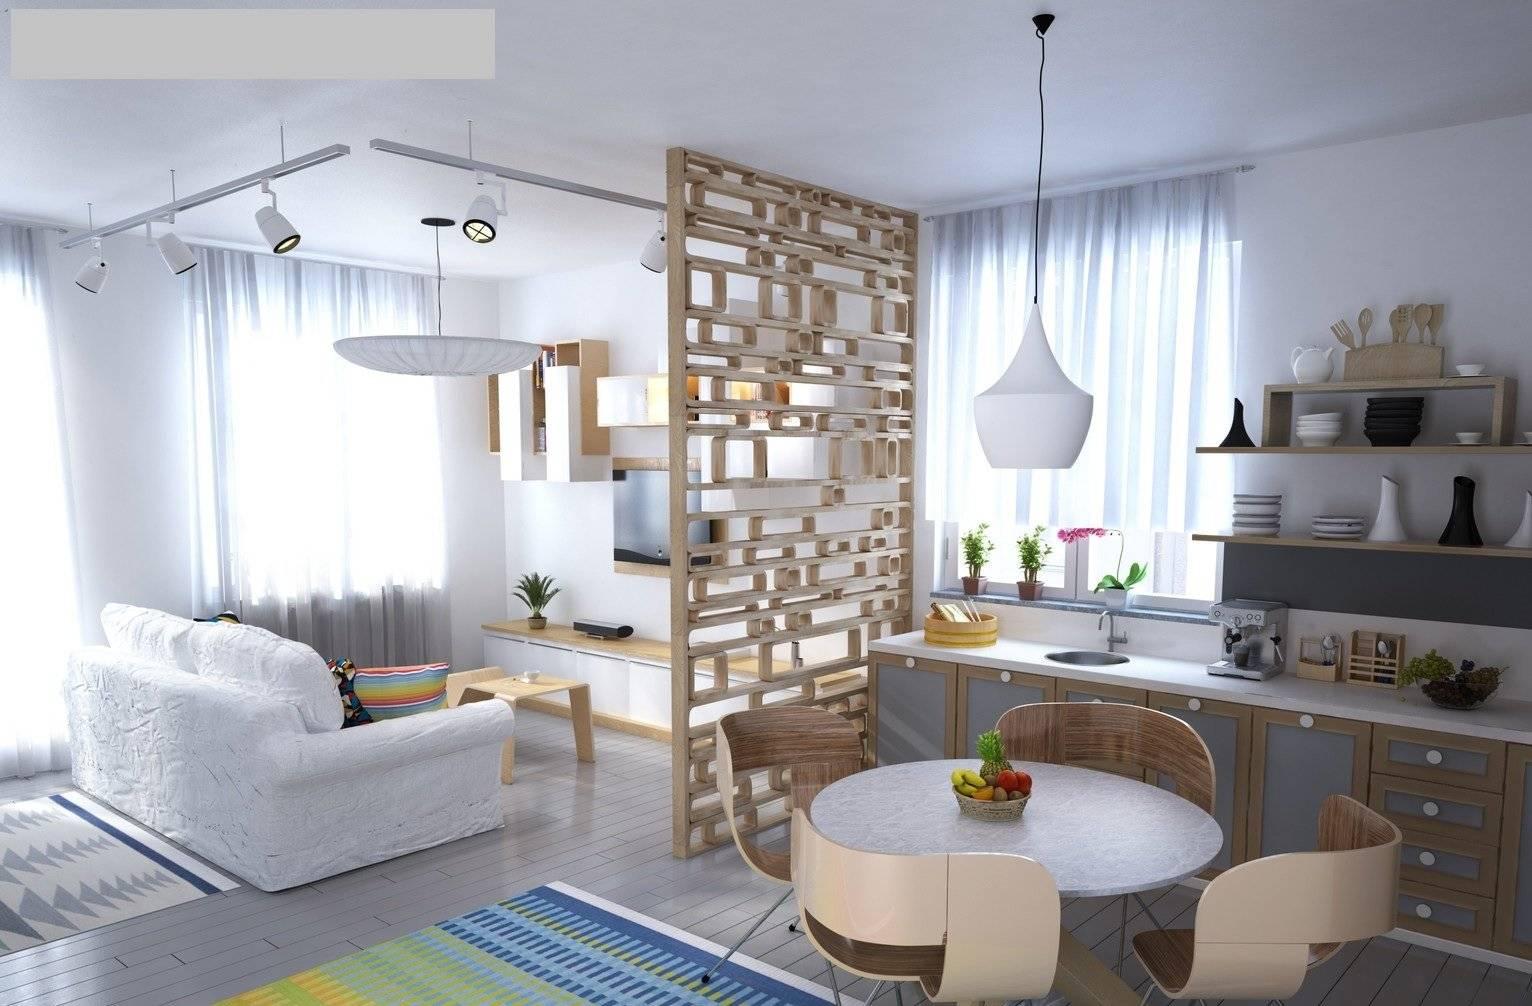 Ремонт квартиры своими руками - 100 фото быстрых и недорогих проектов